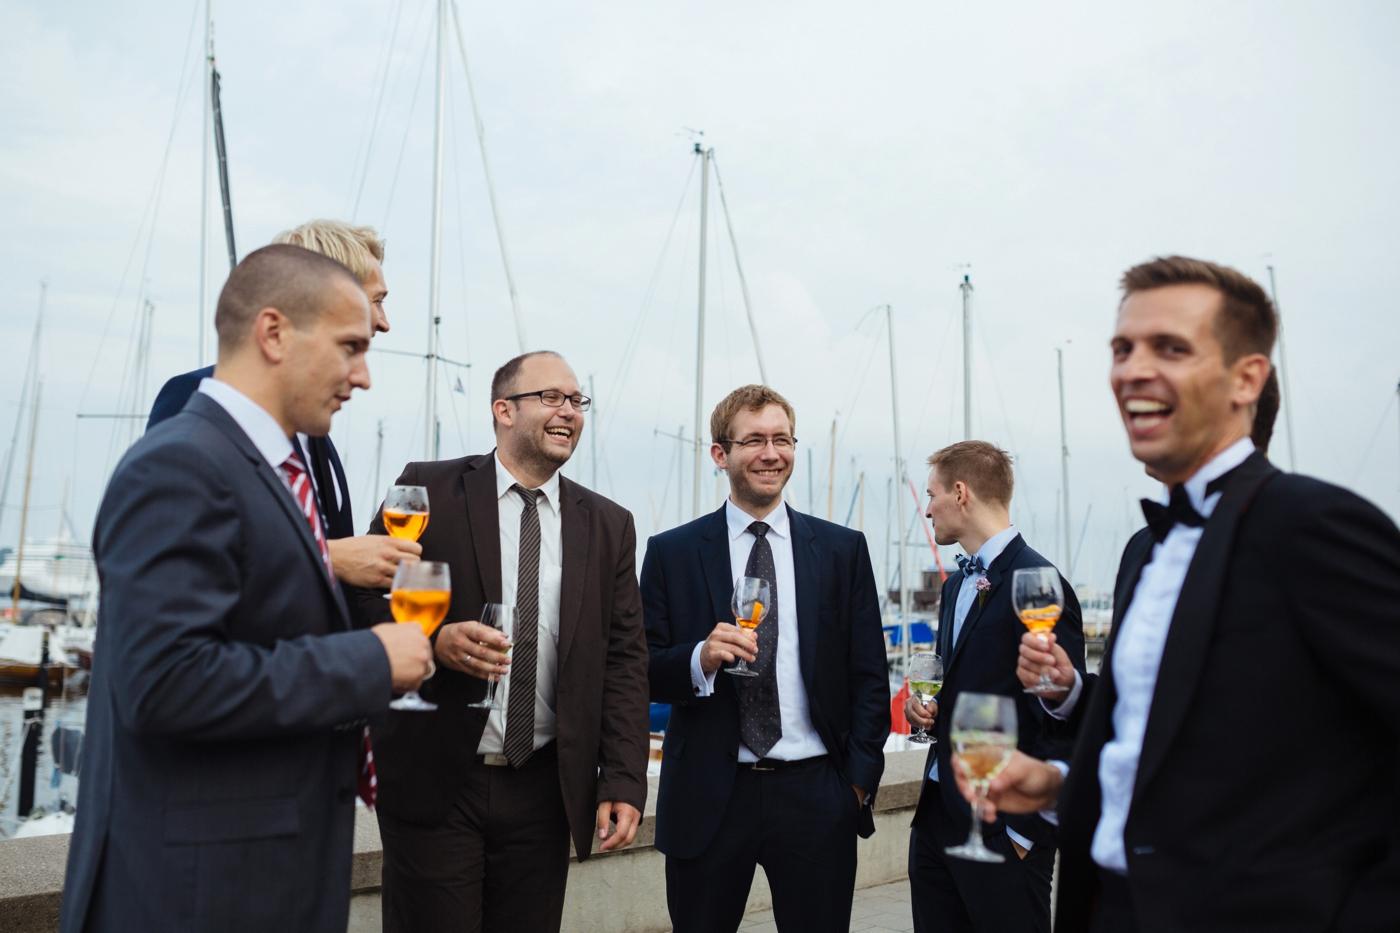 Hochzeit Kieler Yacht Club70